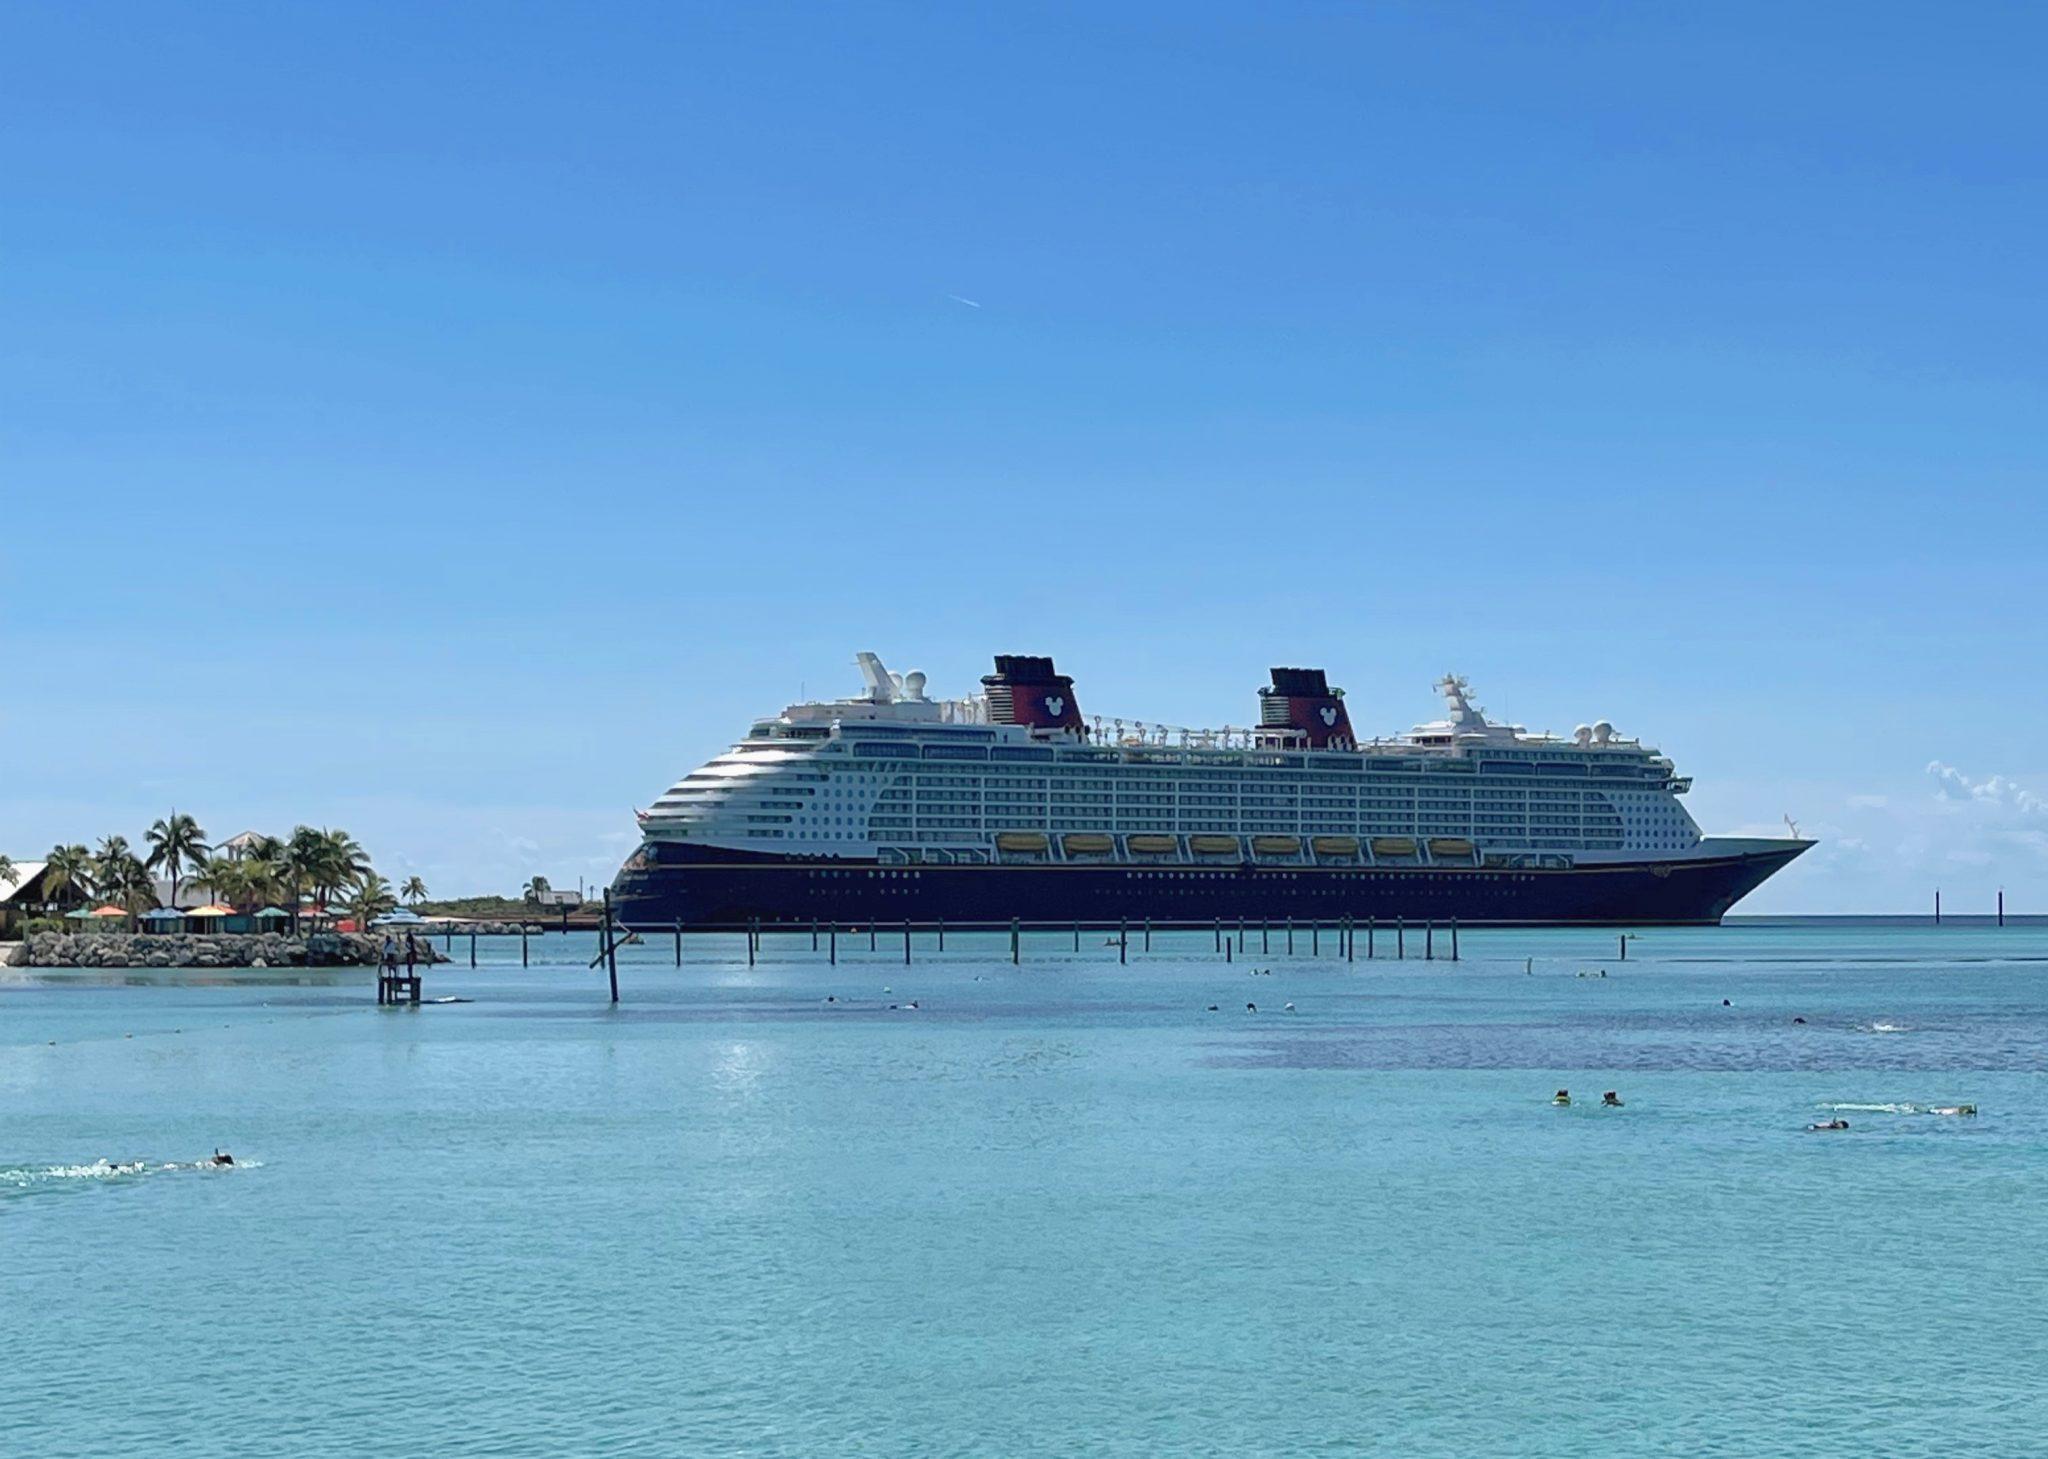 Disney cruise ship - Fantasy